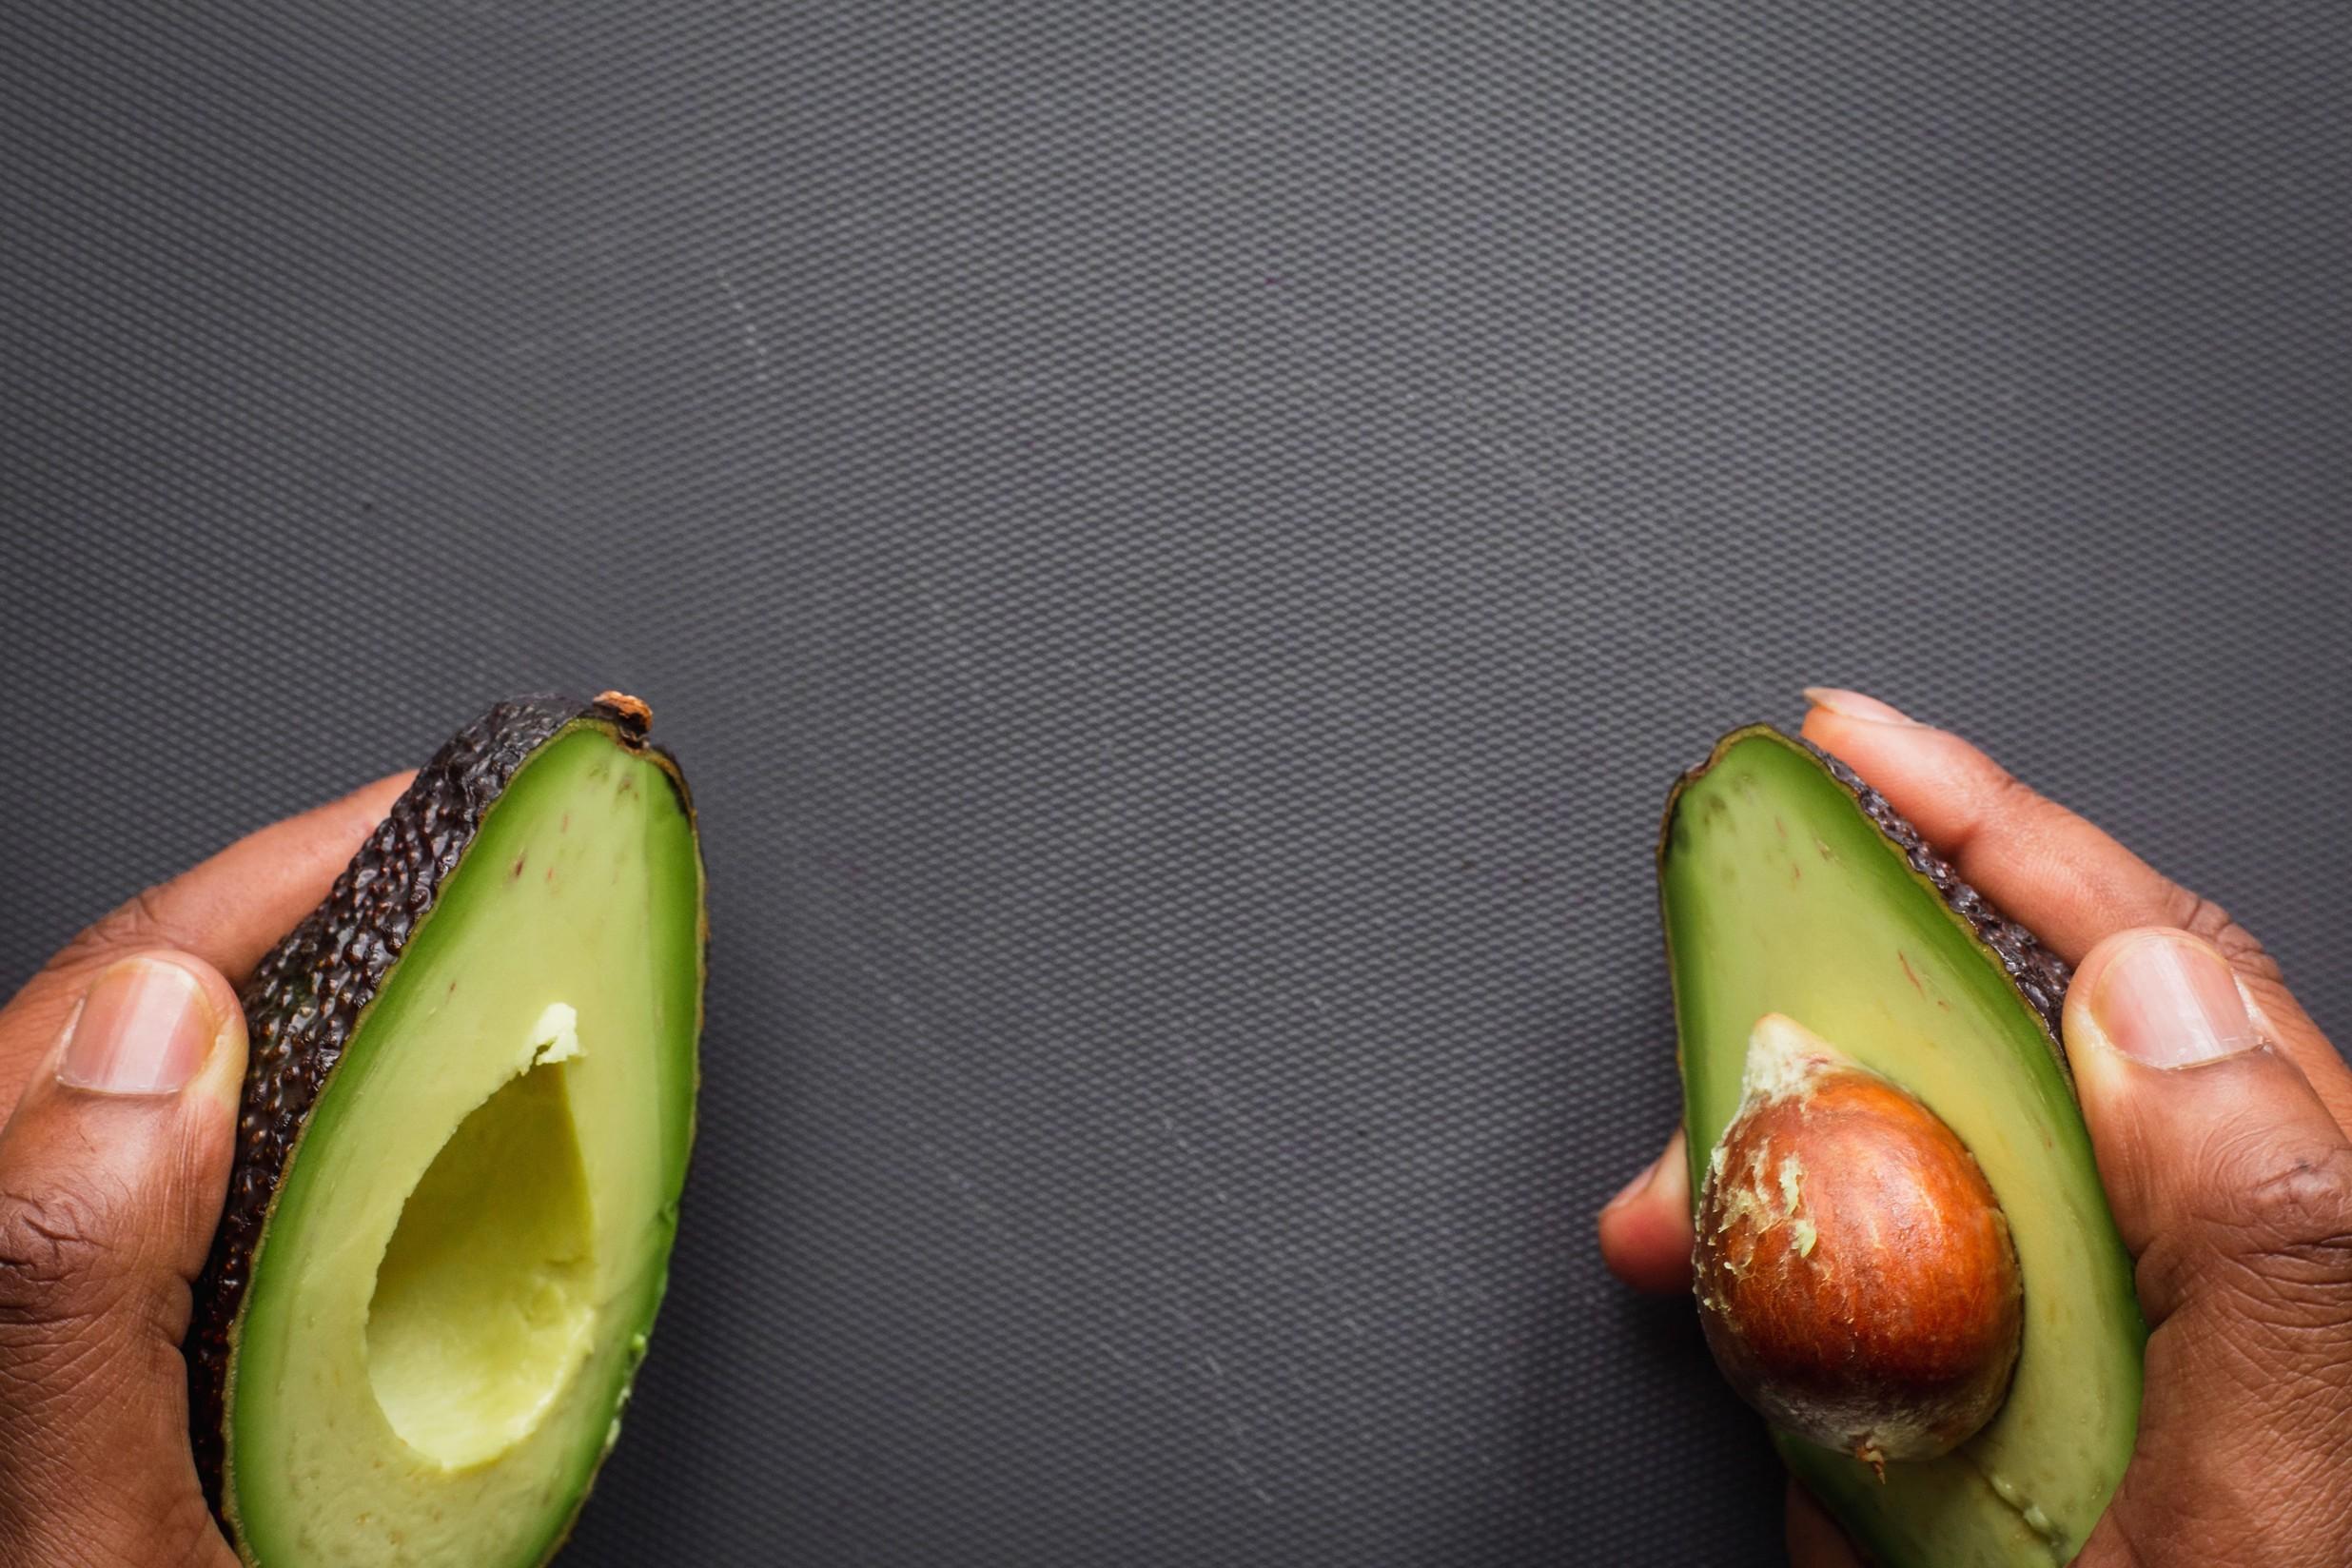 a mans' hands holding a split avocado.